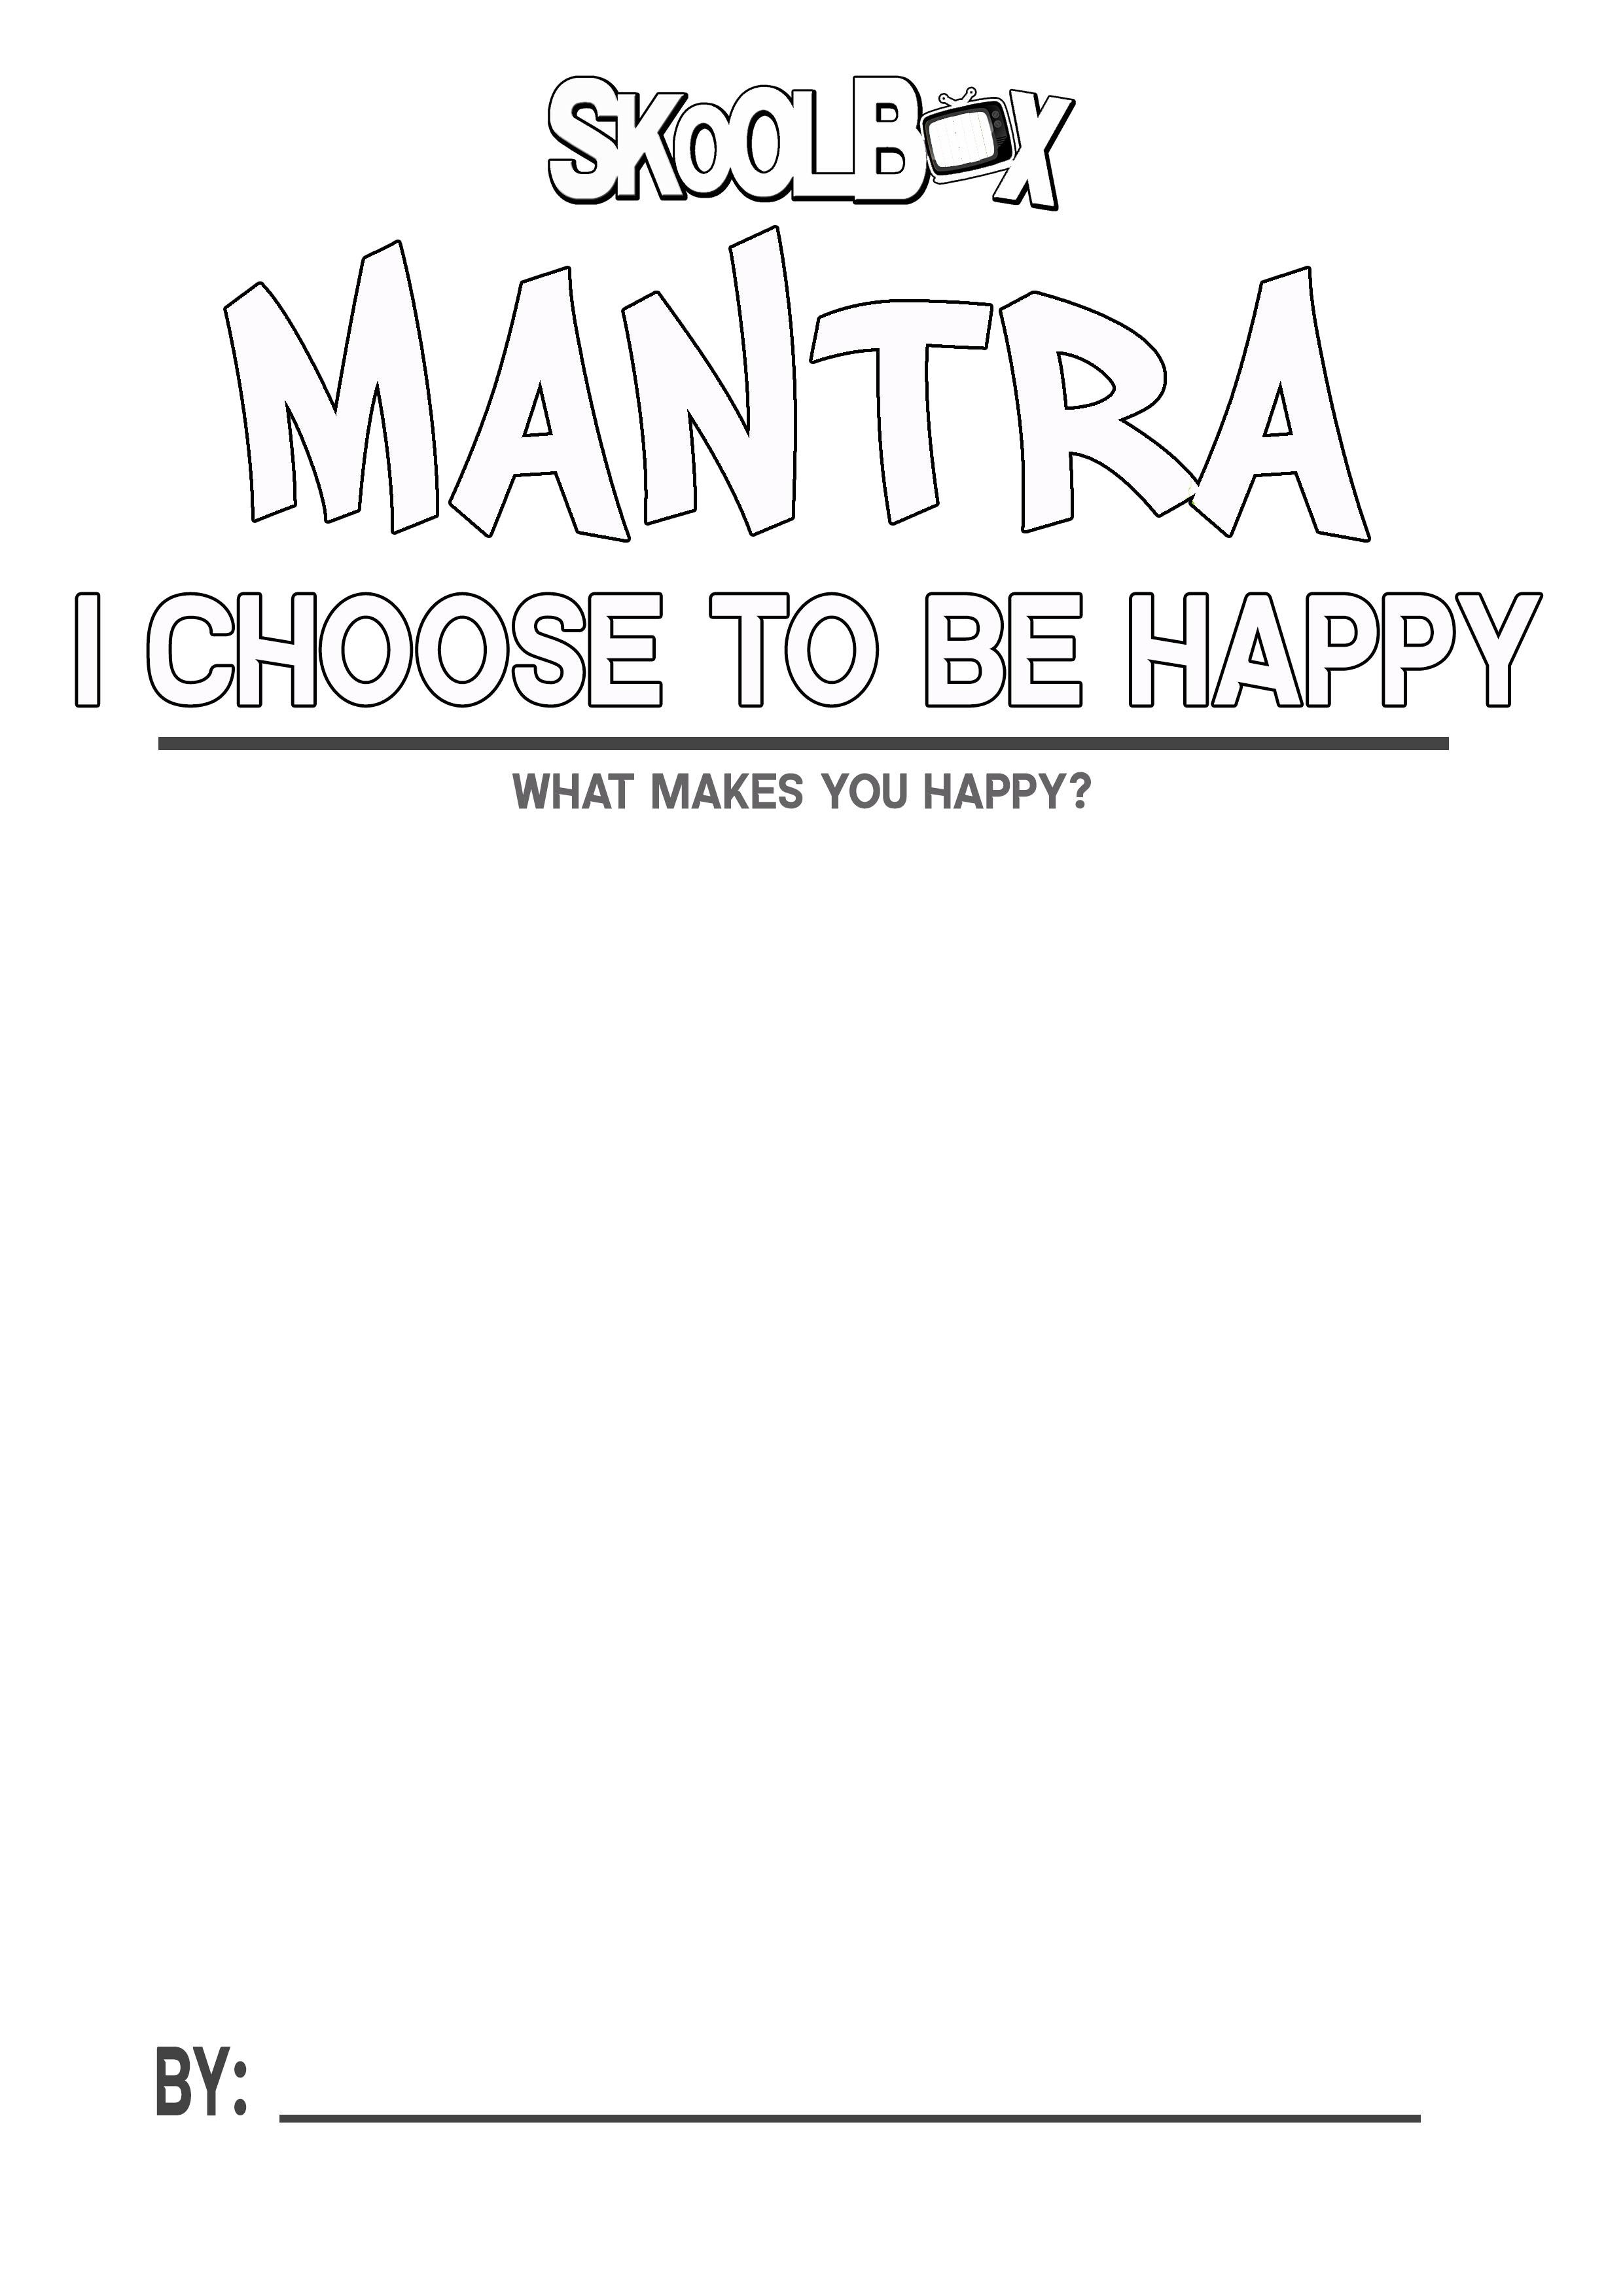 MANTRA 10 HAPPY